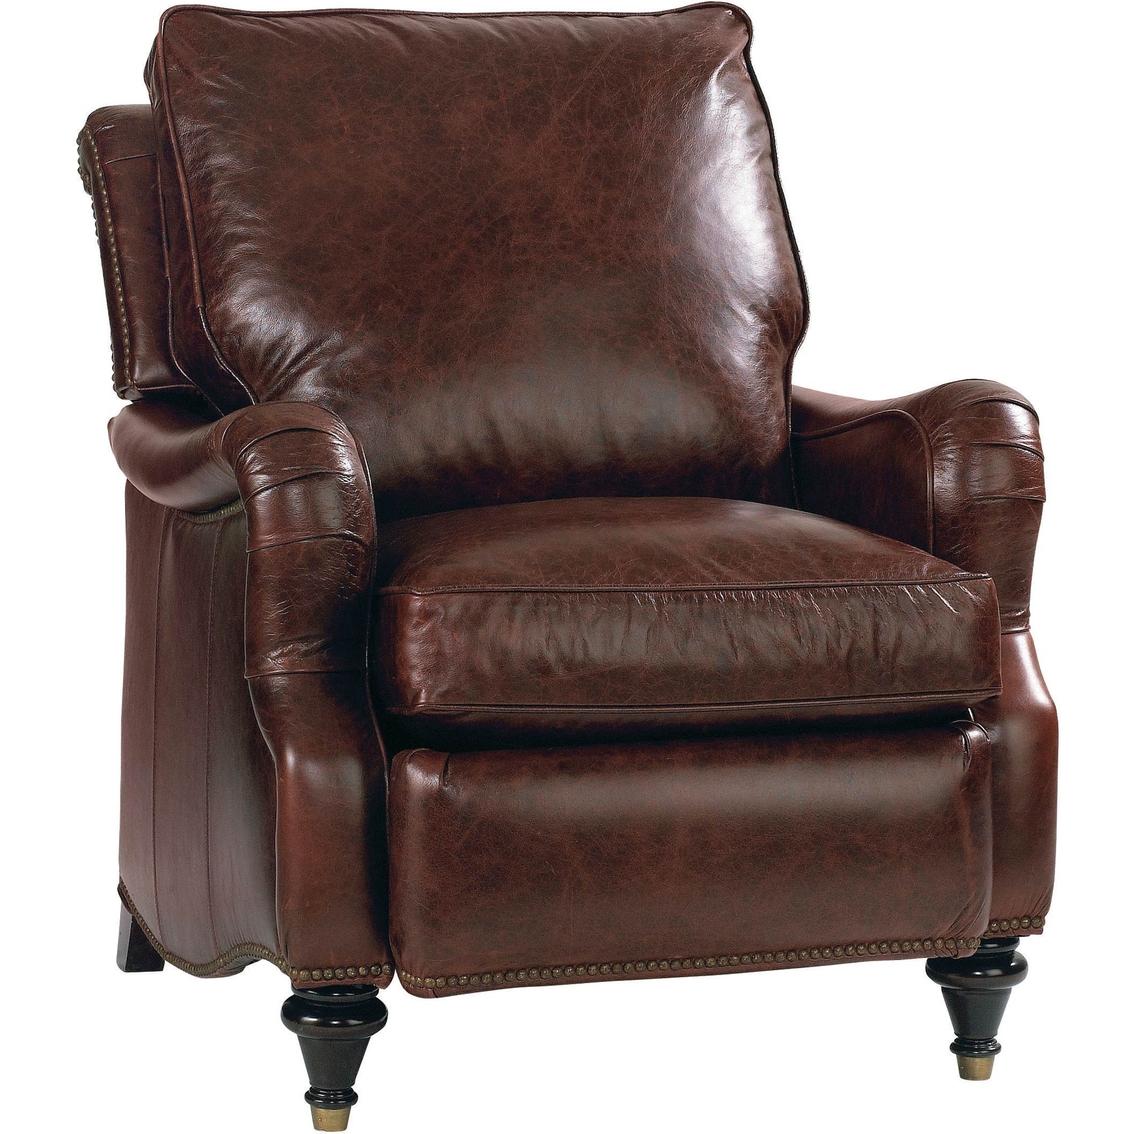 Bassett Oxford Recliner  sc 1 st  Exchange & Bassett Oxford Recliner | Chairs u0026 Recliners | Home u0026 Appliances ... islam-shia.org